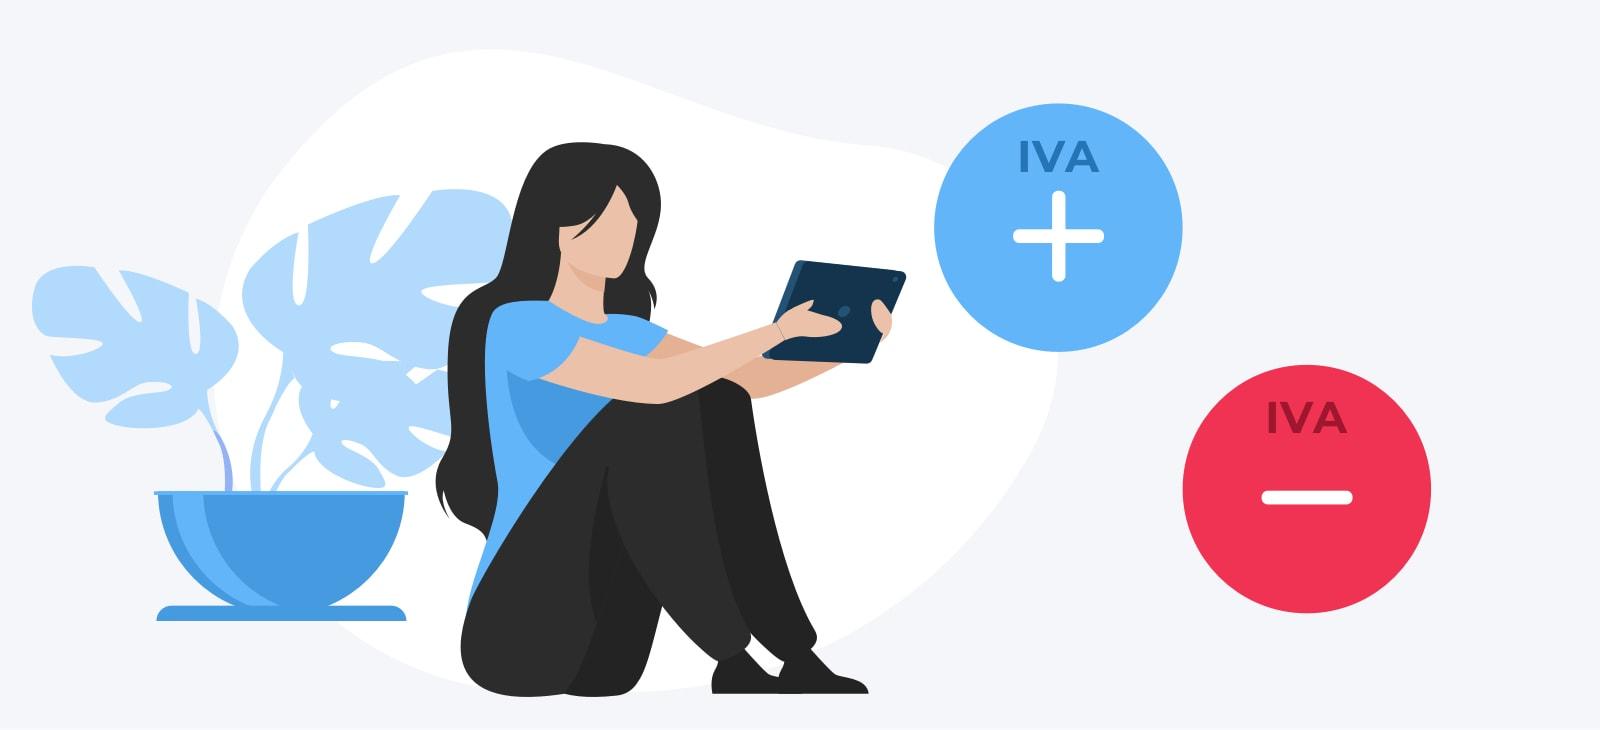 El IVA de los autónomos puede ser positivo o negativo: a pagar o a devolver